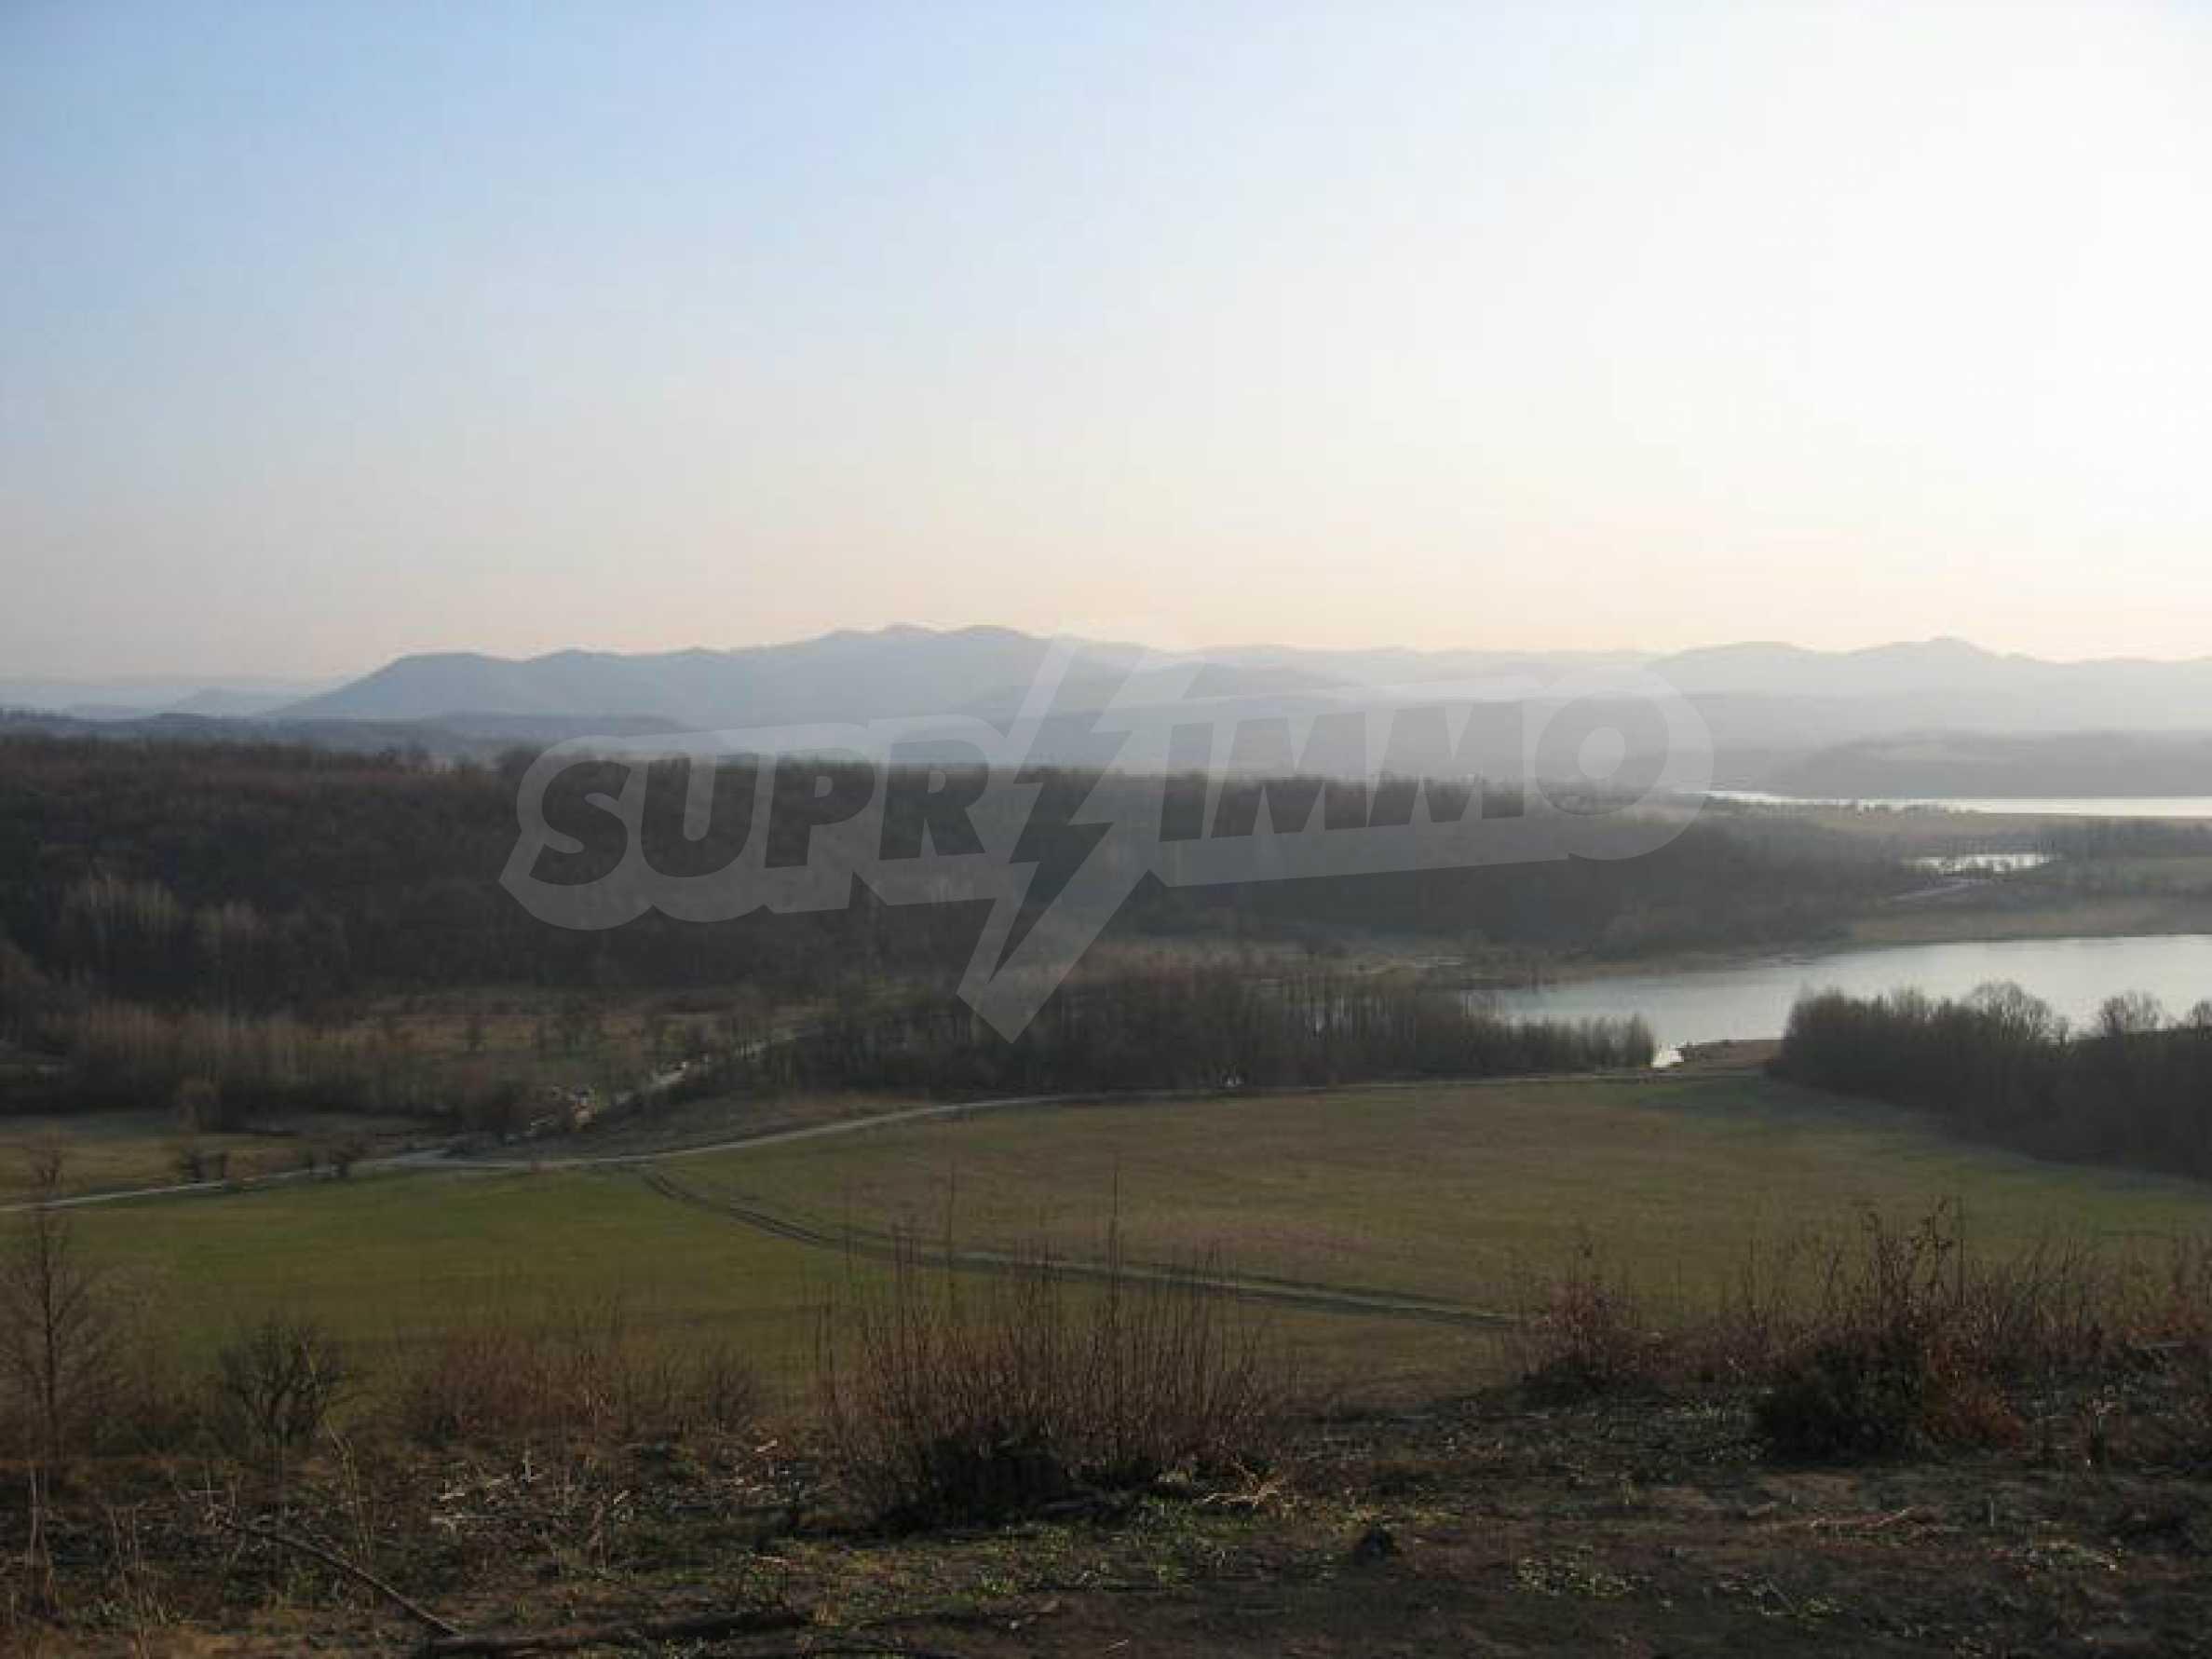 Großes Grundstück in der Nähe des Yovkovtsi-Staudamms, 5 km von Elena entfernt